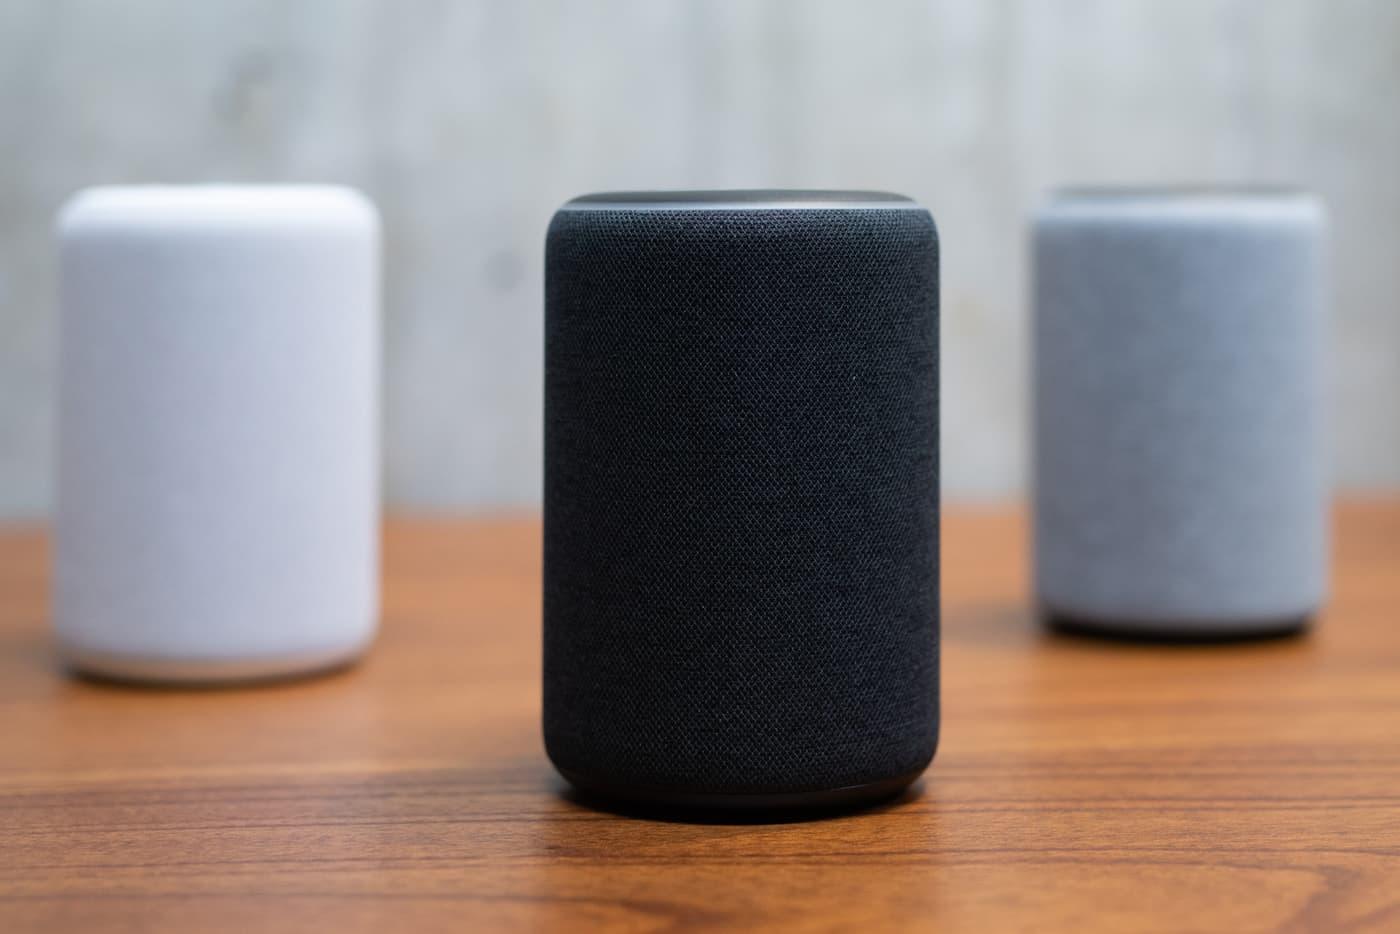 Amazon Employees are Listening to You Through Alexa